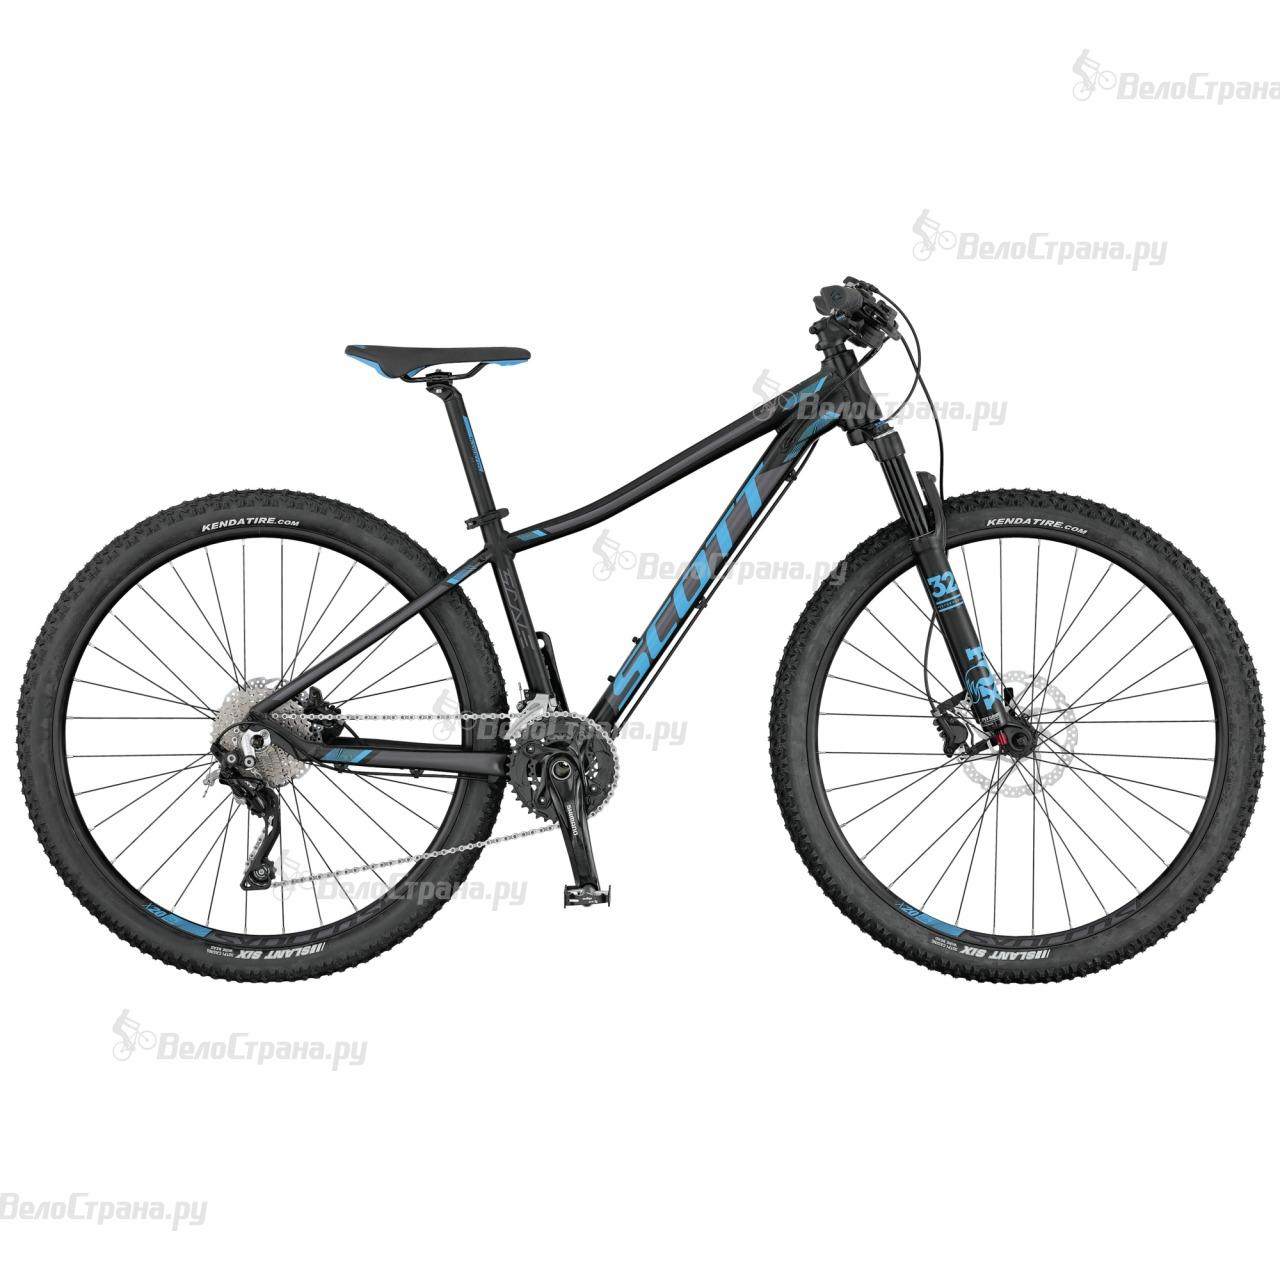 Велосипед Scott Contessa Scale 710 (2017) велосипед scott contessa solace 15 compact 2015